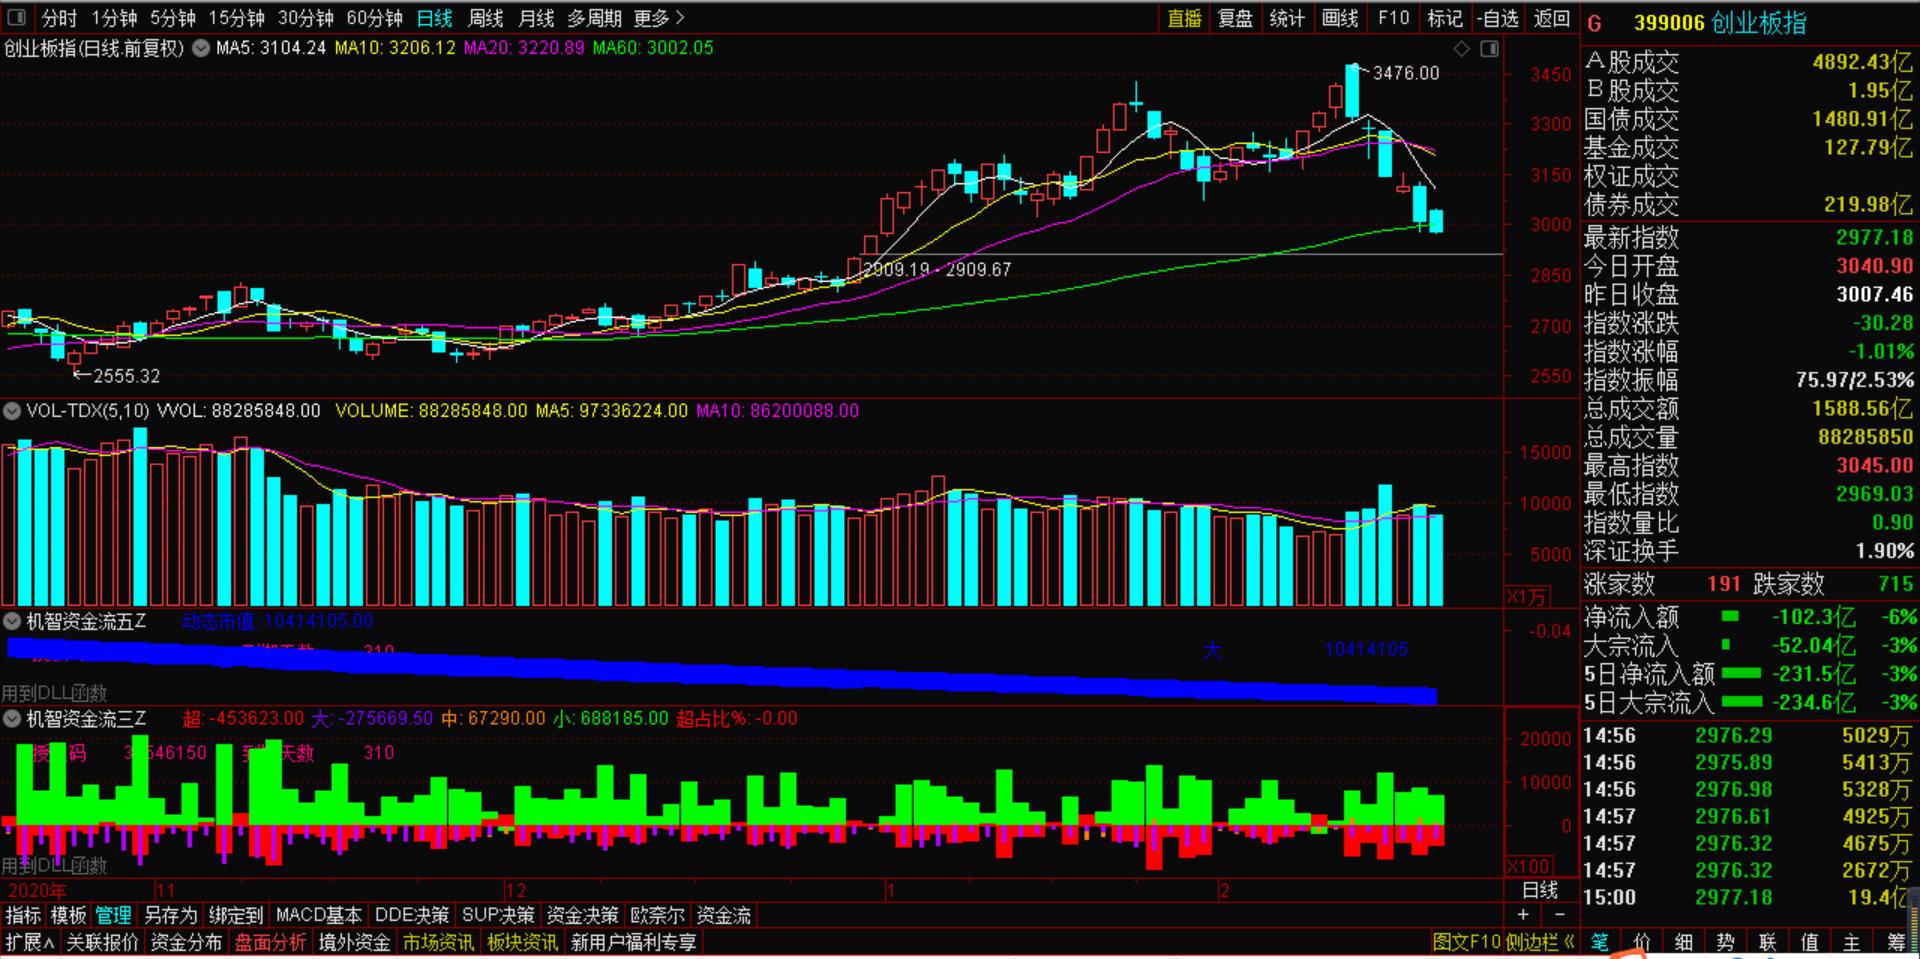 2月26号机智软件 A股市场出现反弹,但这些股的下跌反而更狠了!